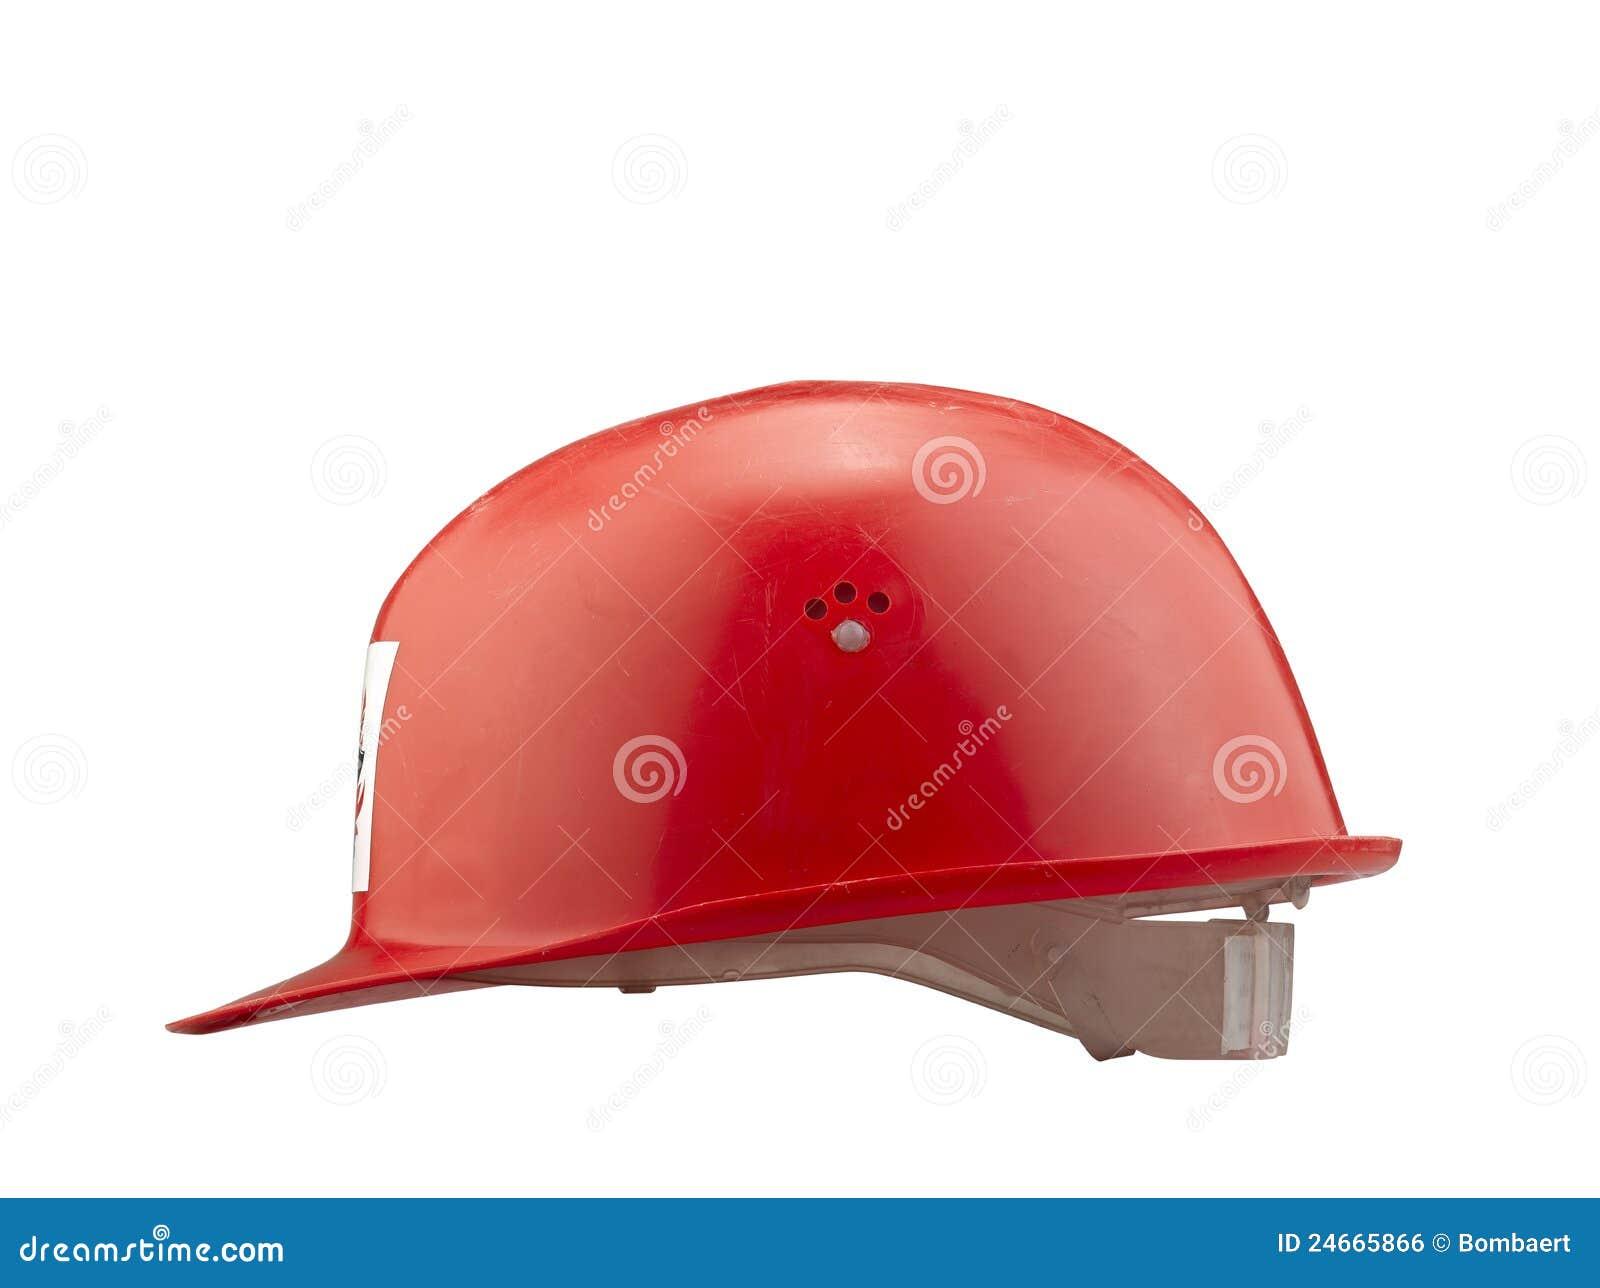 Casco de seguridad plástico rojo en el fondo blanco (camino de recortes) 5f074e069290